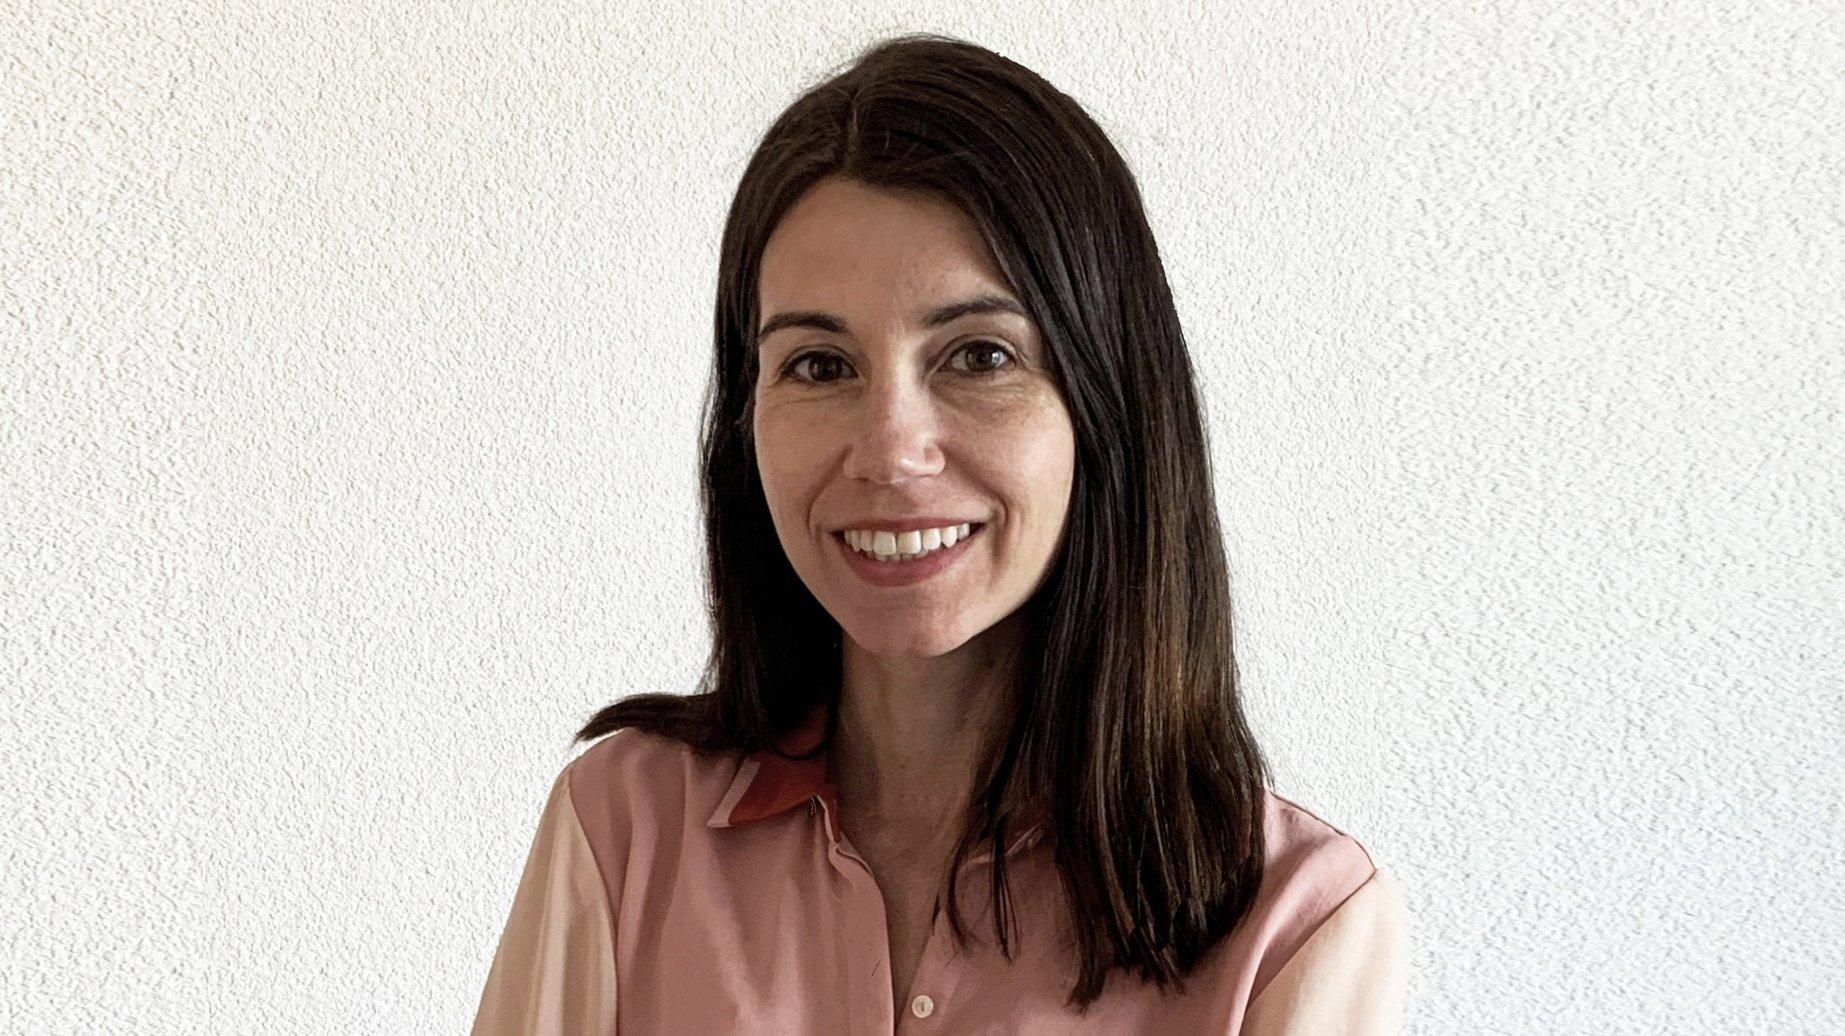 Martine Laprise, architecte et collaboratrice scientifique au Laboratoire d'architecture et de technologies durables à l'EPFL